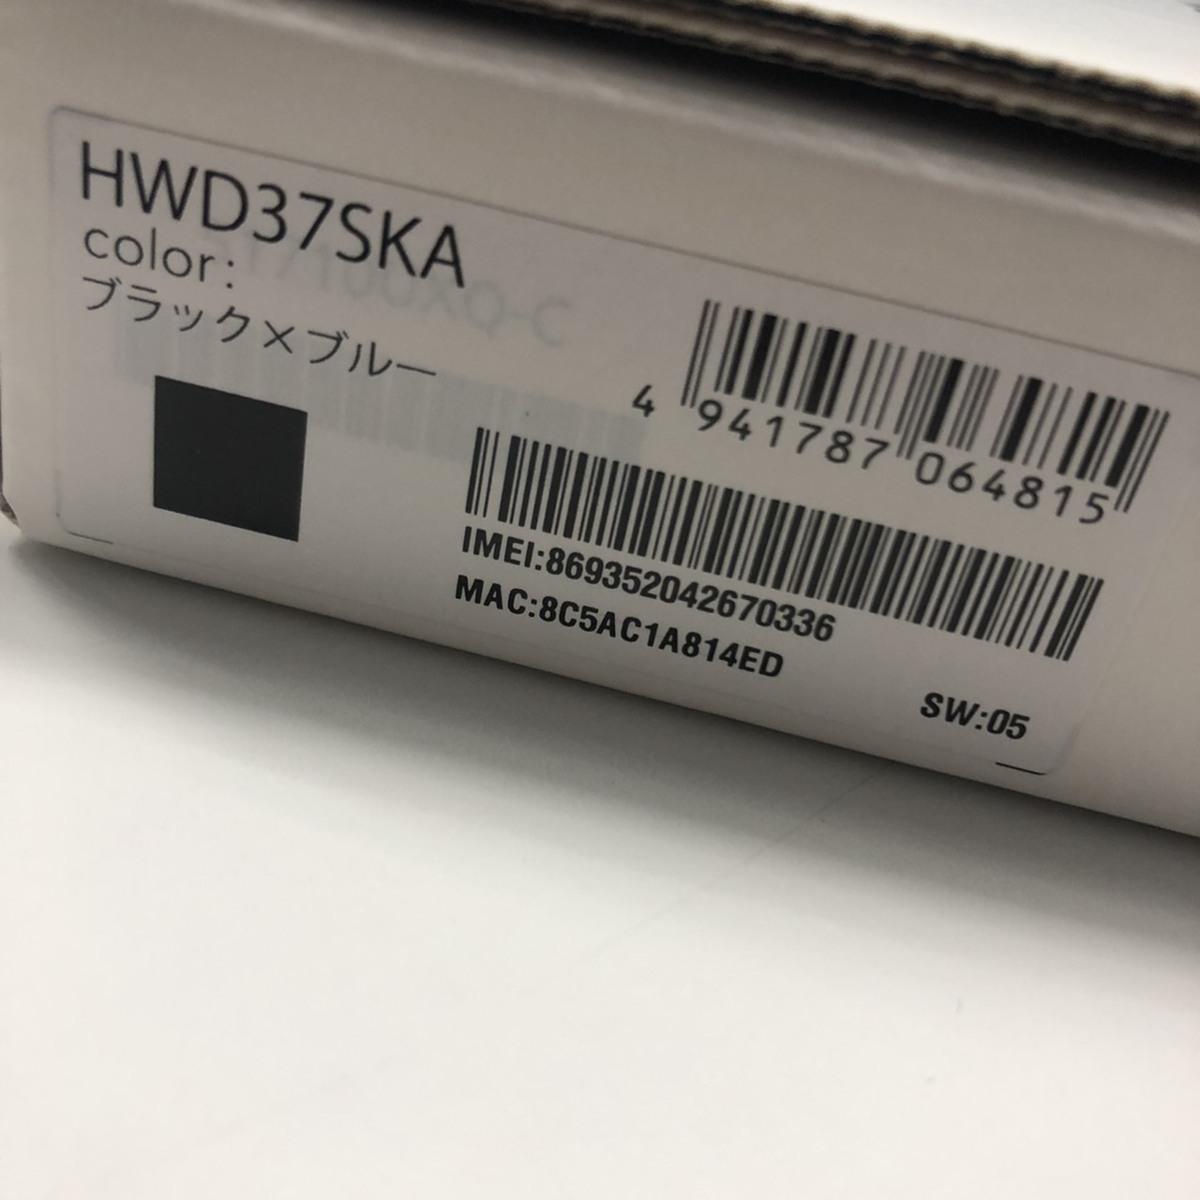 新品未使用品☆赤ロム保証☆au/エーユー speed Wi-Fi NEXT W06 HWD37SKA ブラック×ブルー_画像5